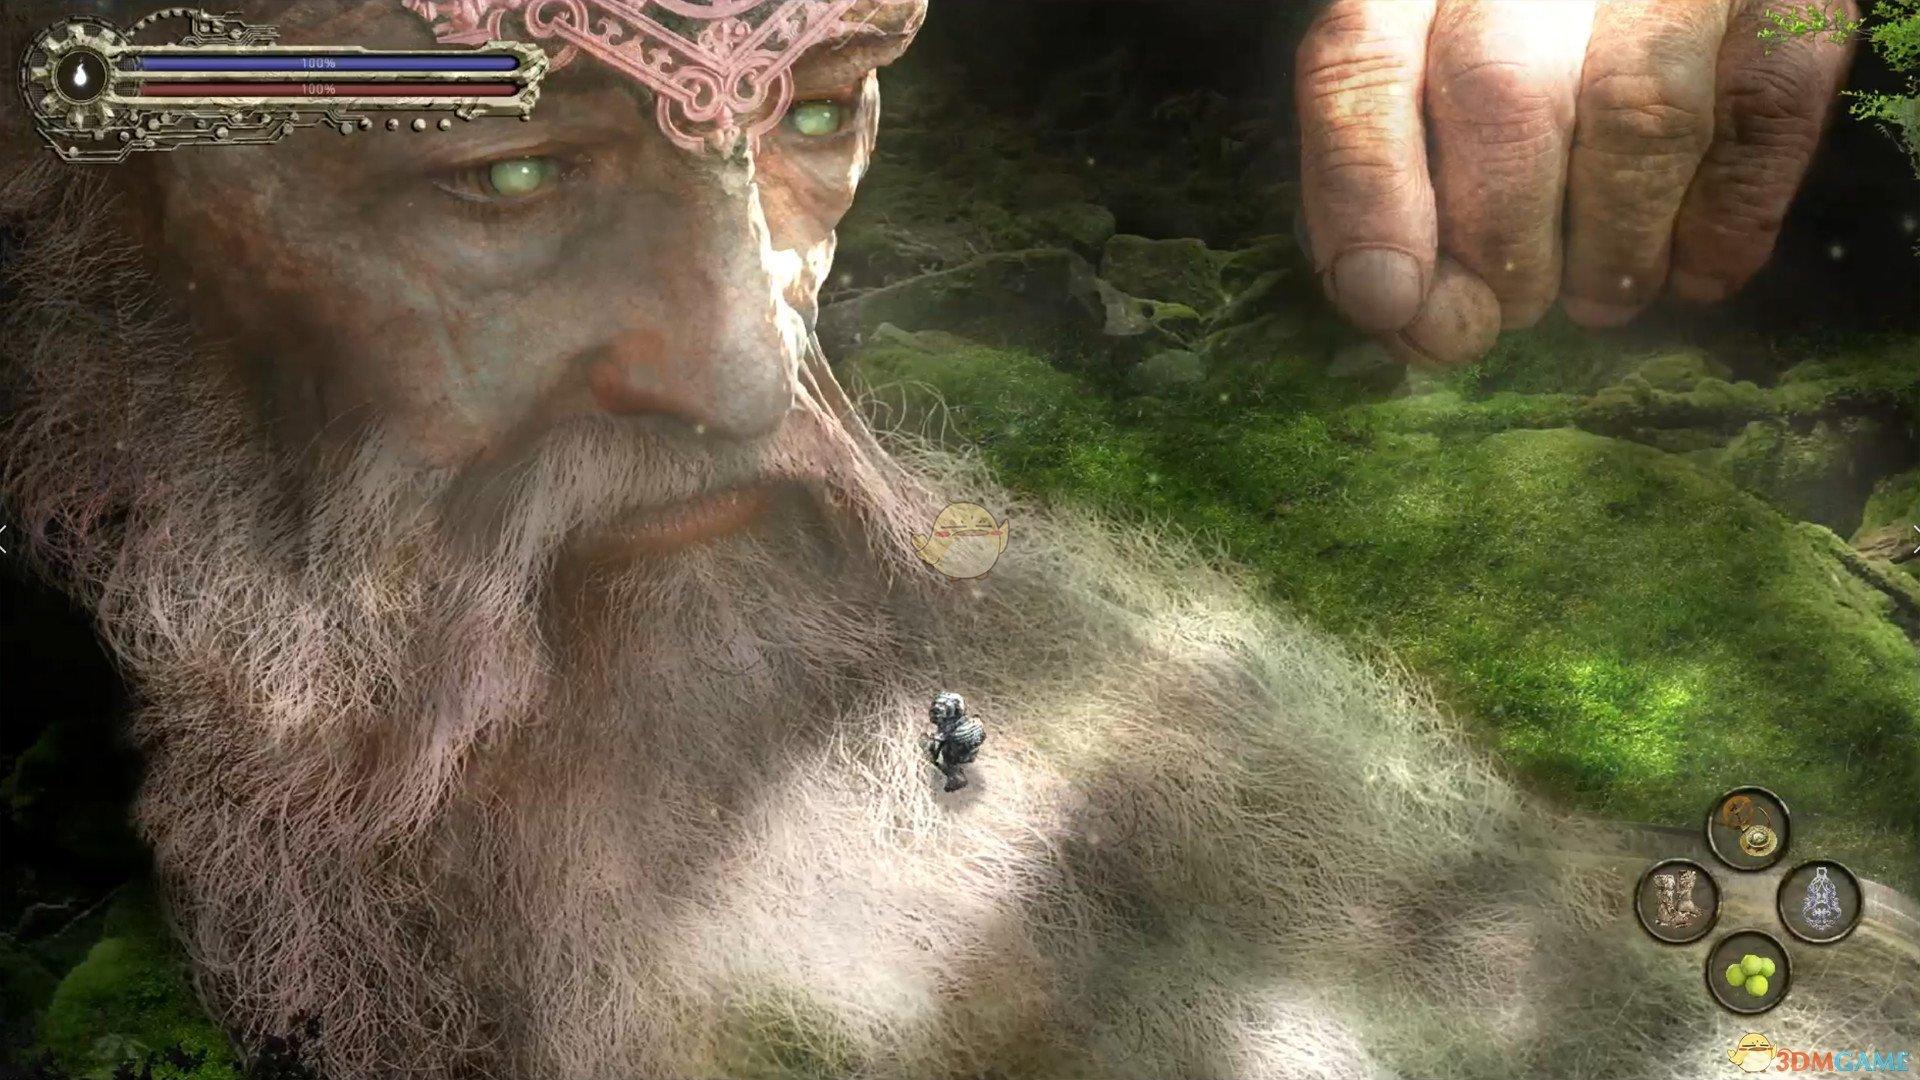 《布鲁姆回忆》游戏配置要求一览